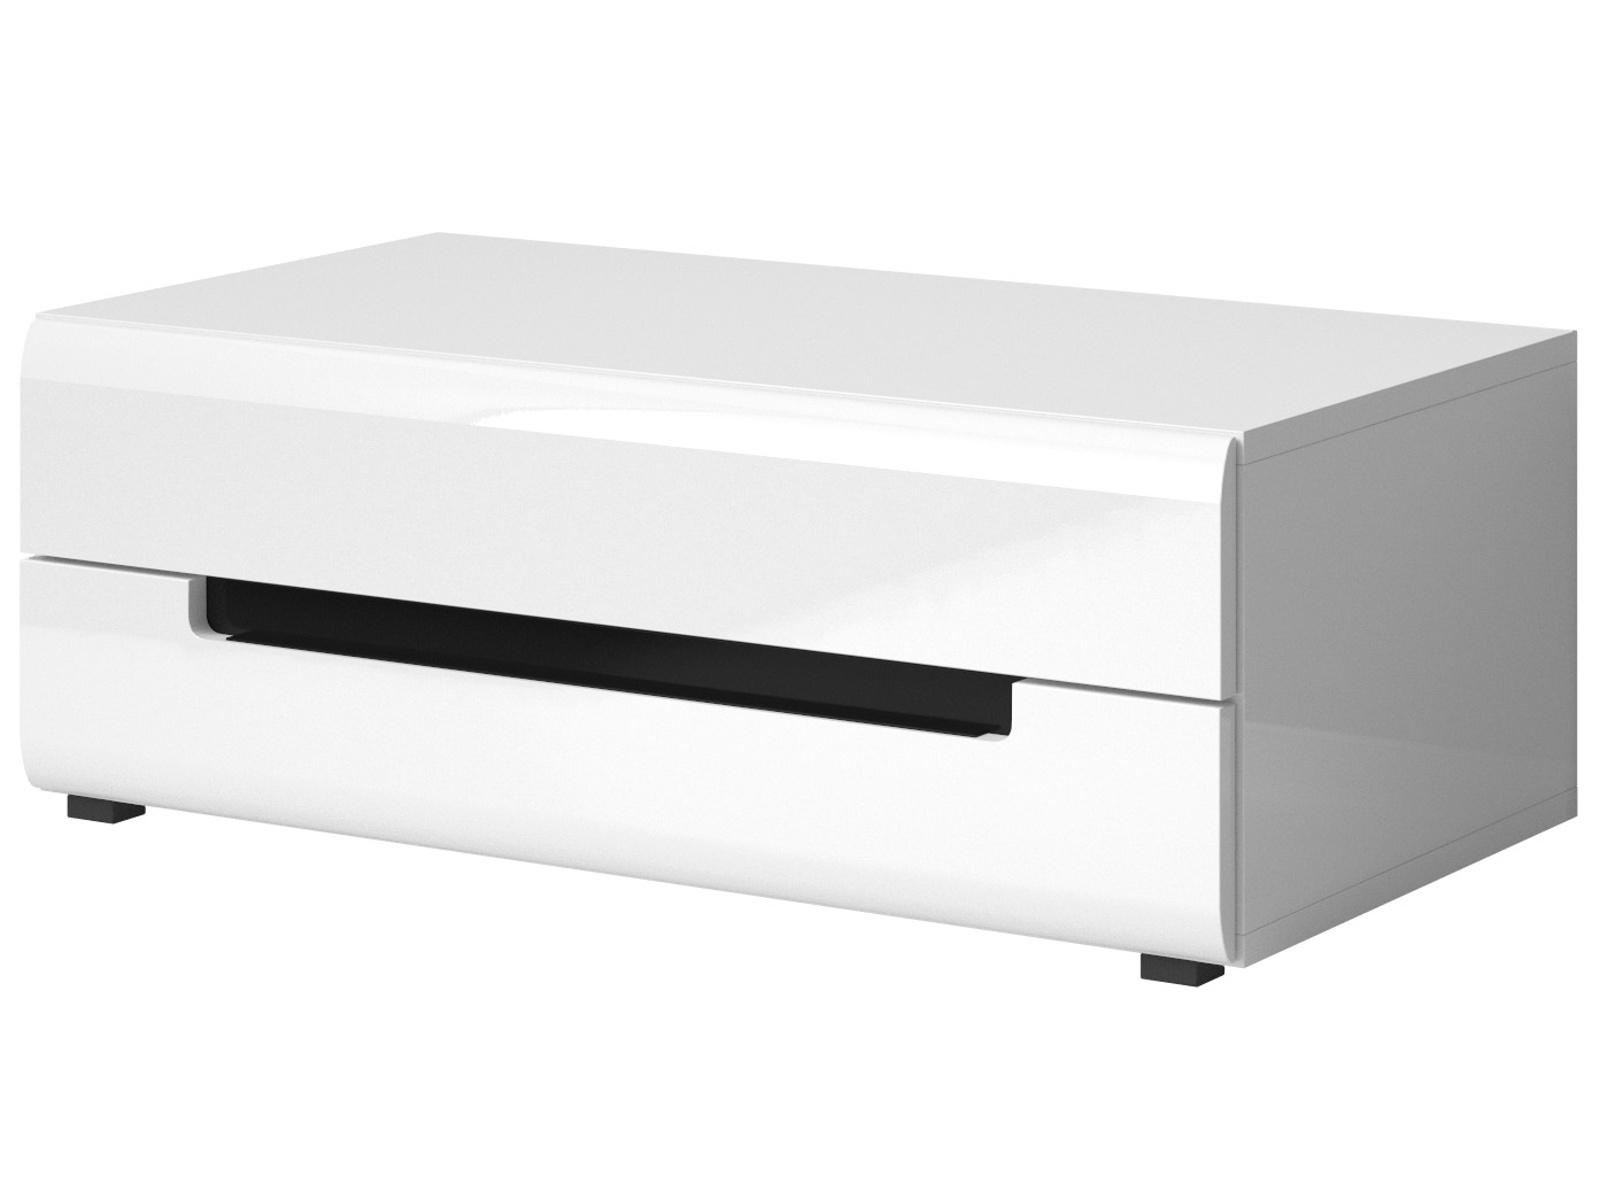 Smartshop HEKTOR TV stolík TYP 41, bílá/bílý lesk